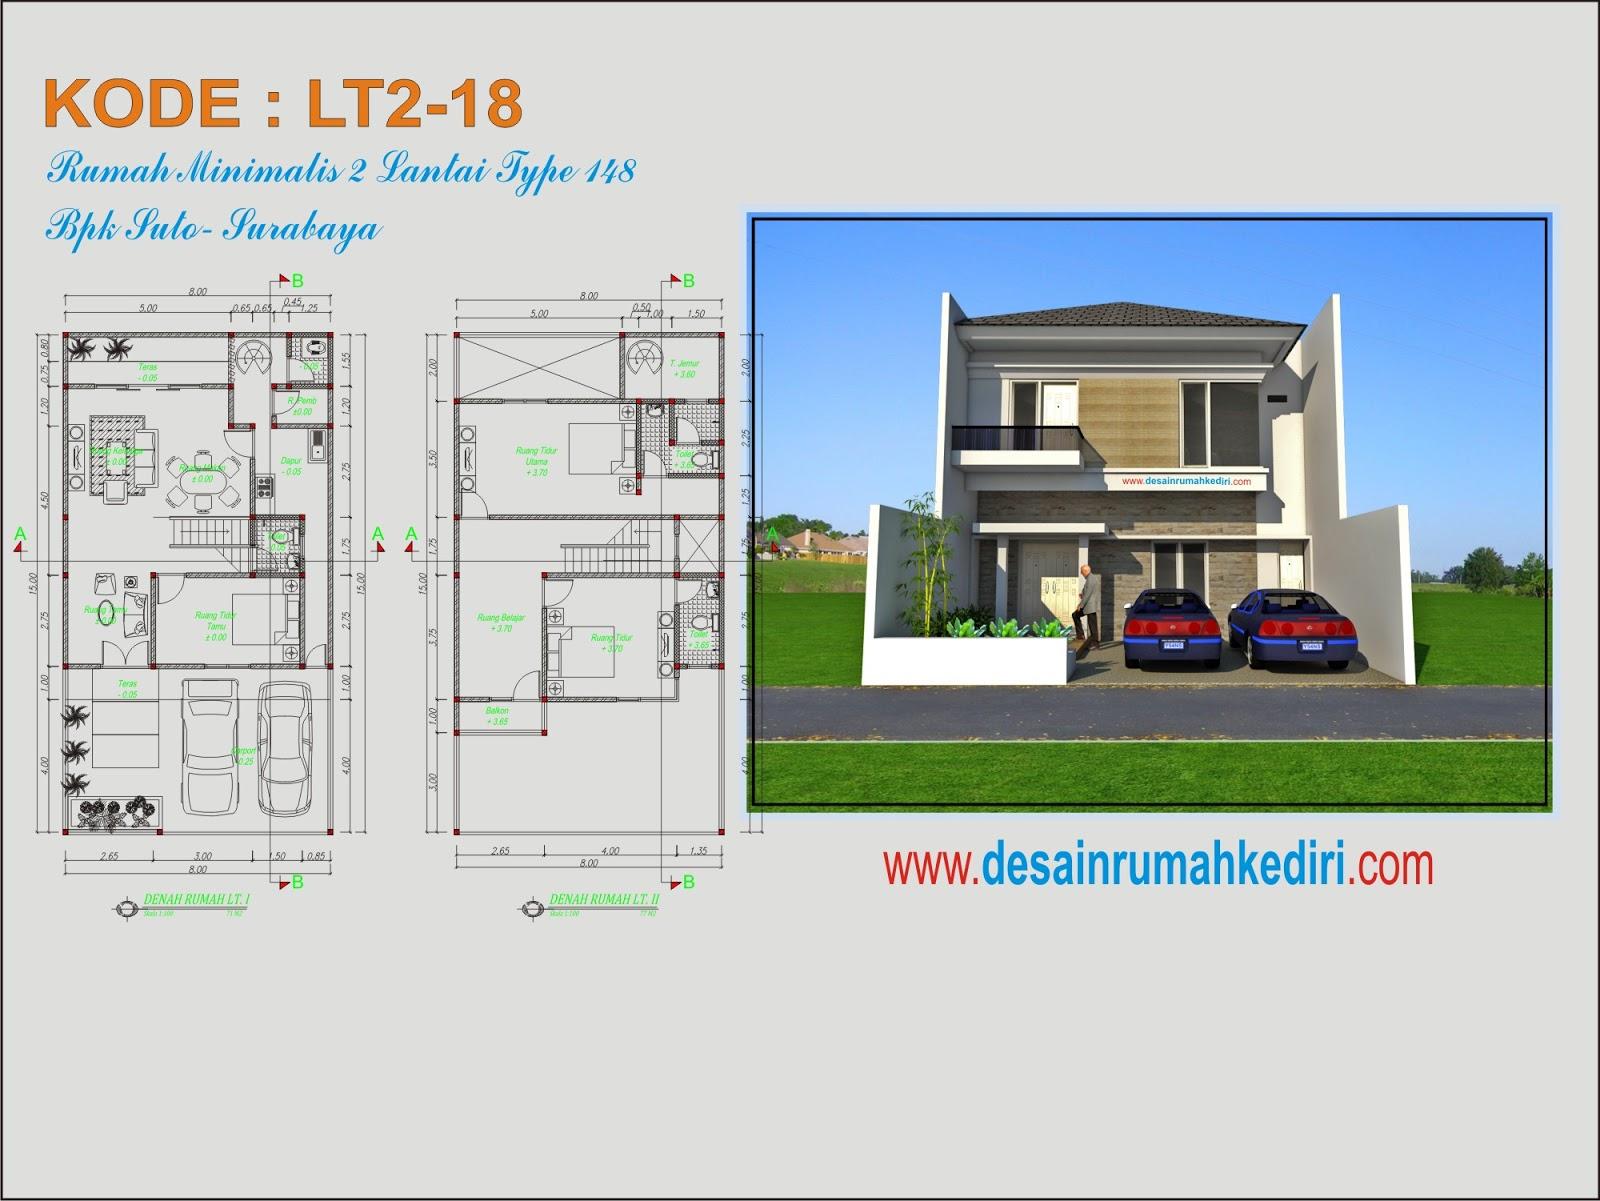 LT2 18 Rumah Minimalis Menawan 2 Lantai Bpk Suto